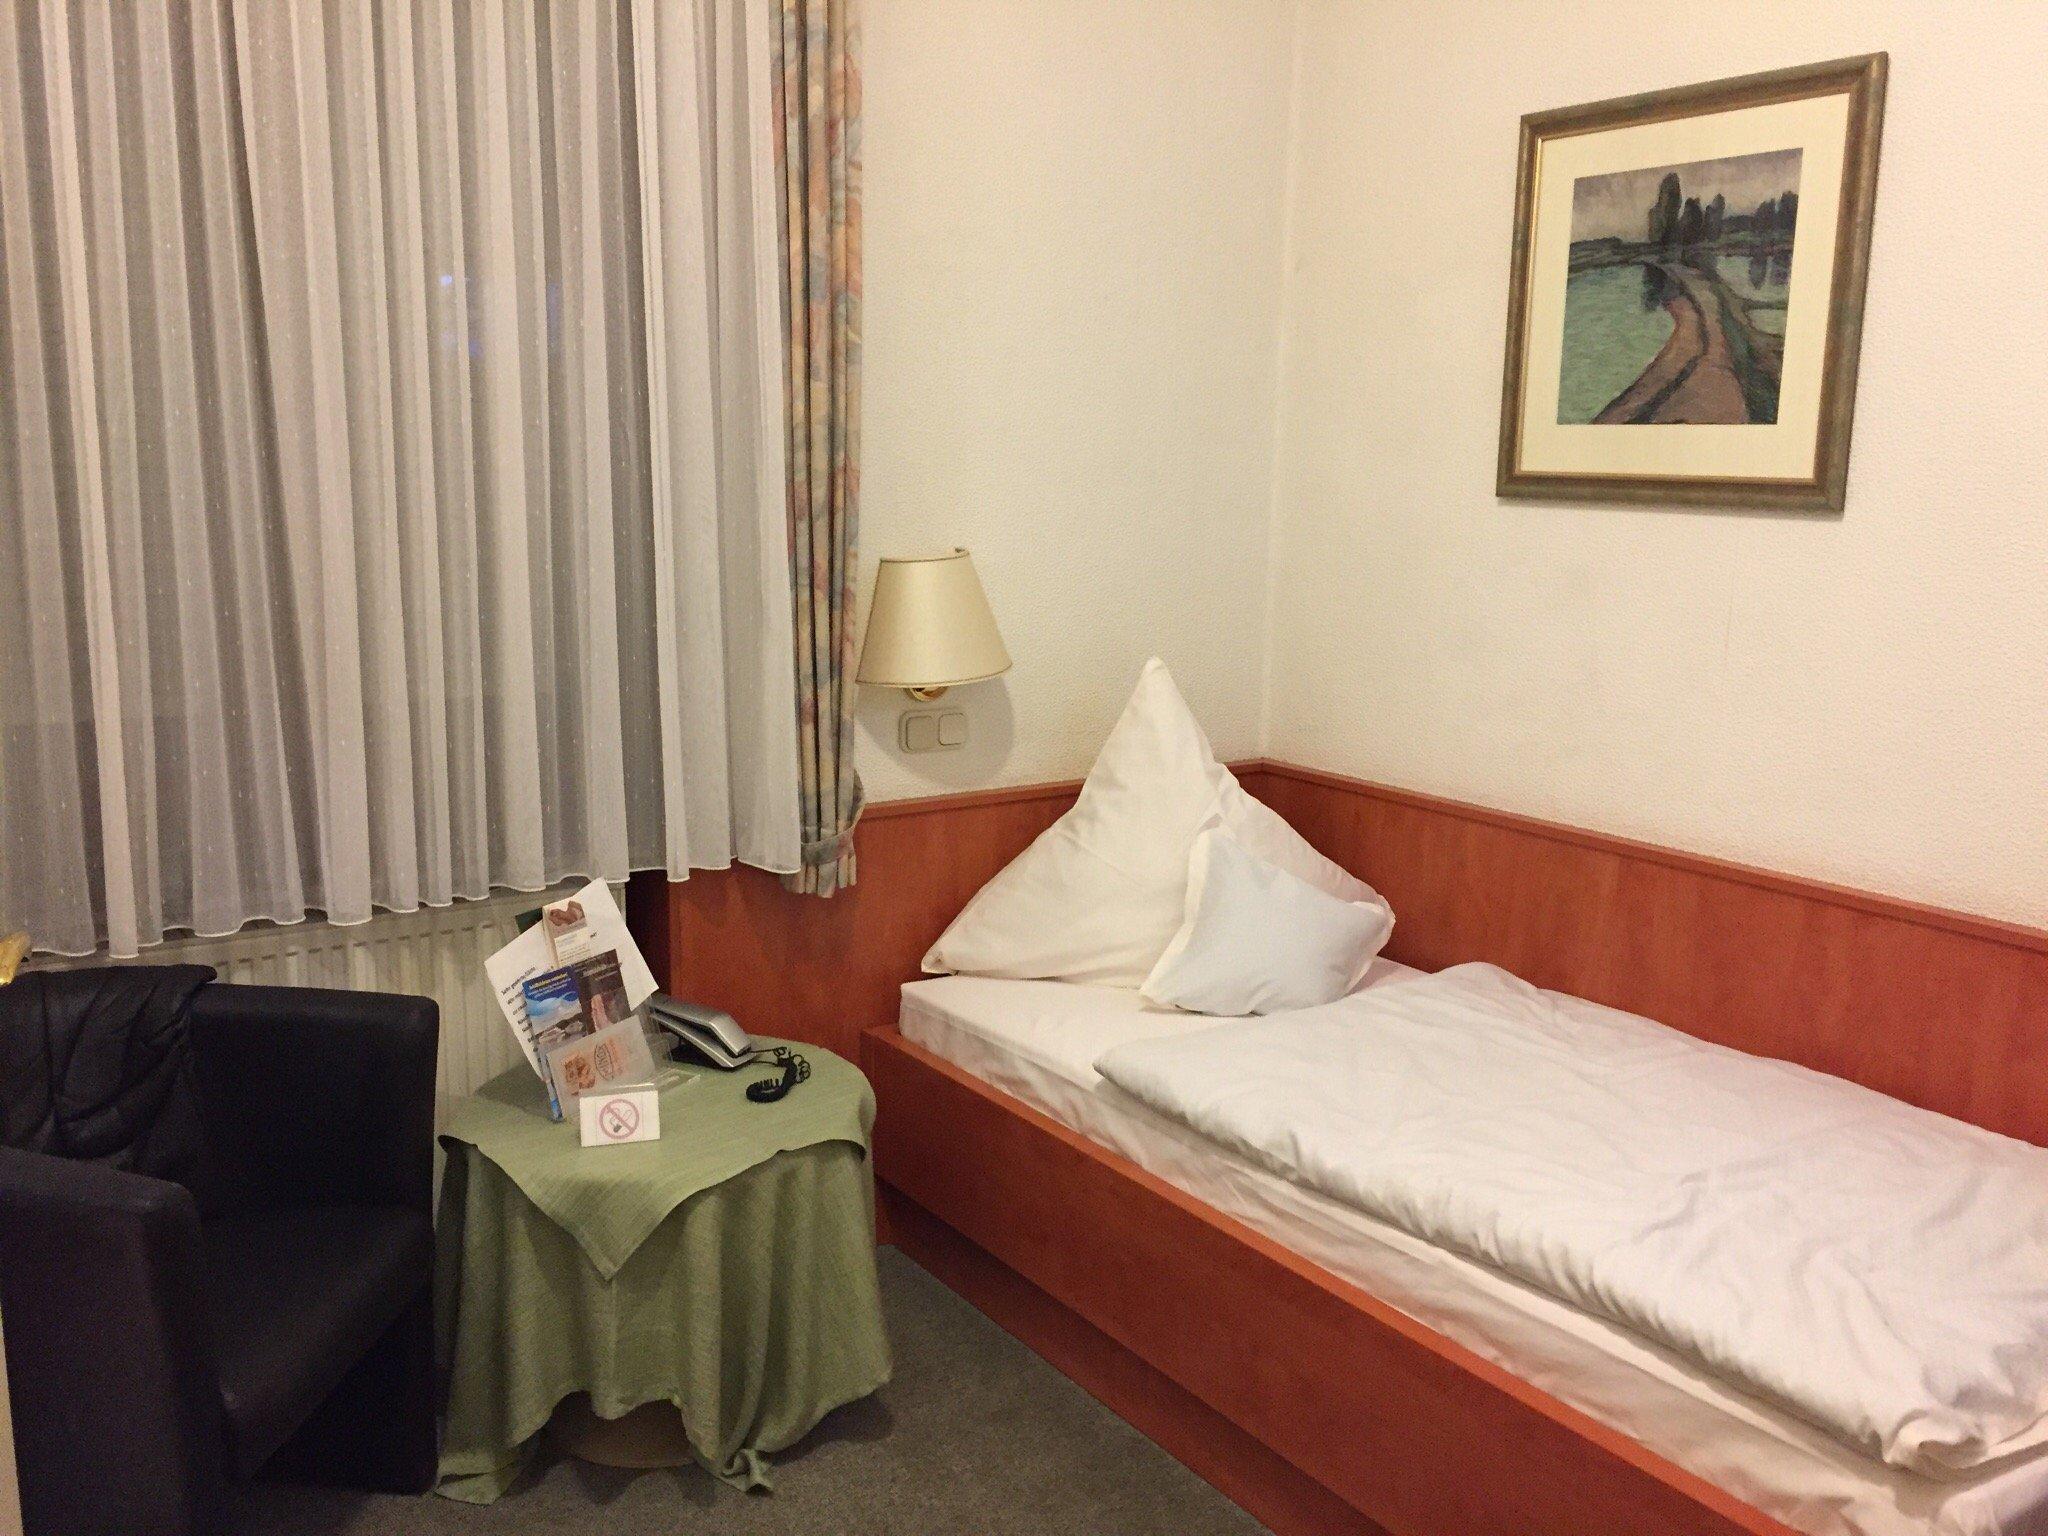 Hotel Von der Heyde